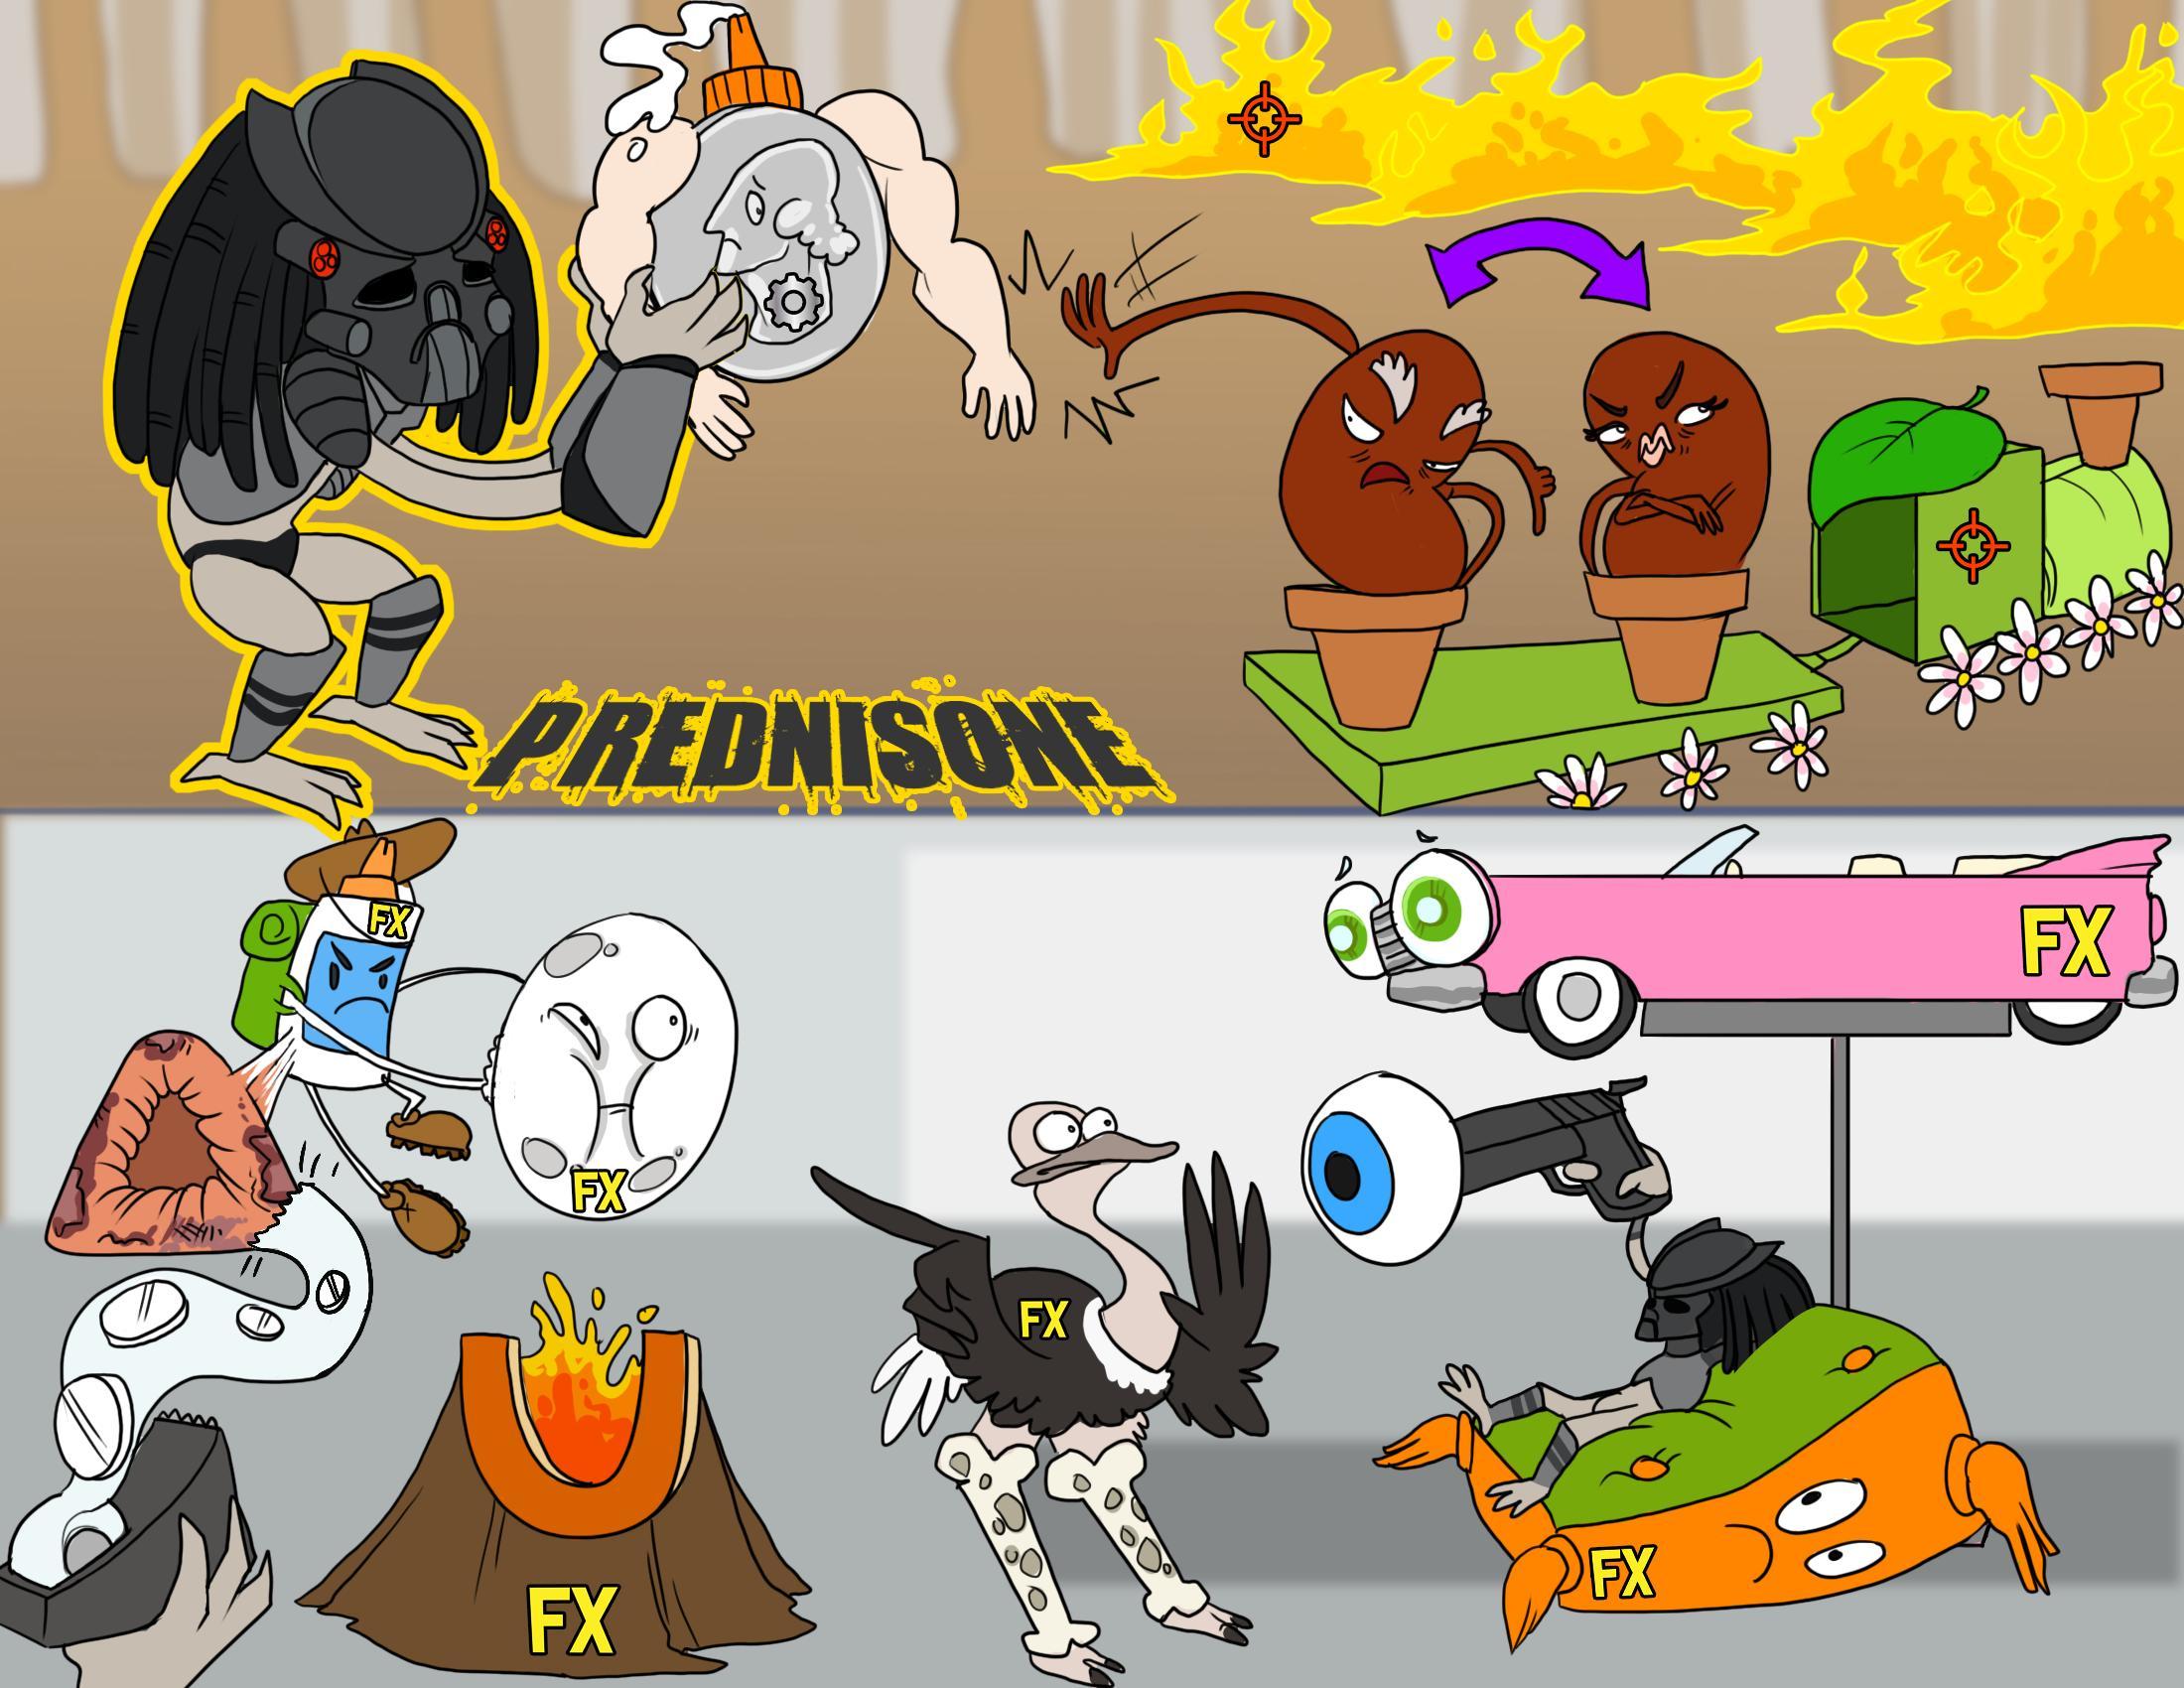 Prednisone (Glucocorticoids)